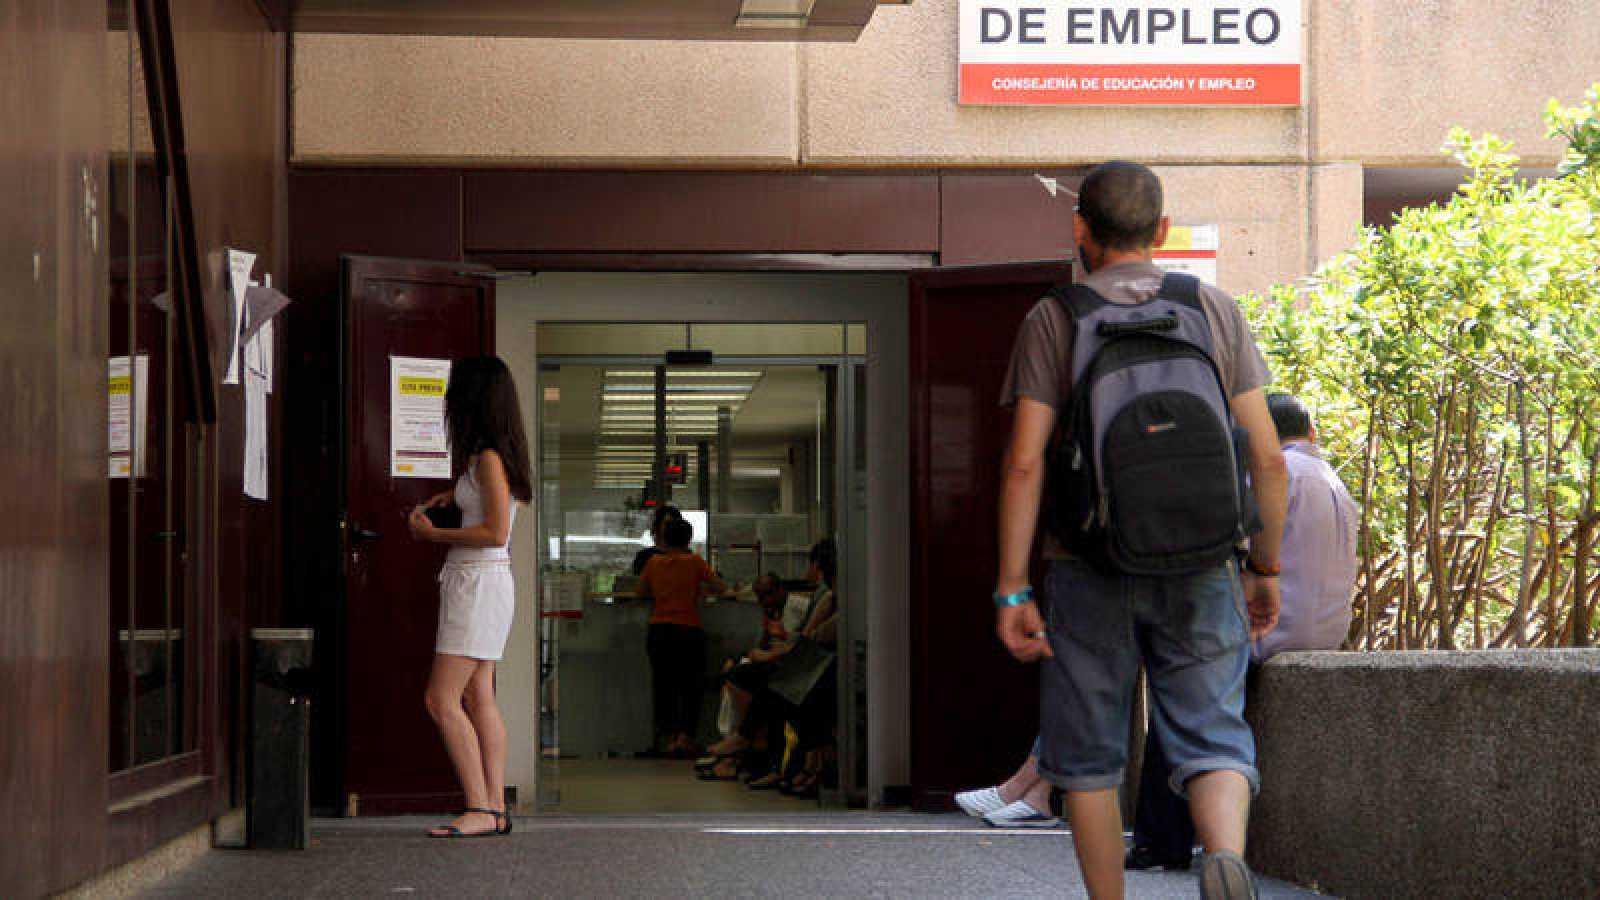 El paro baja en julio en 27.000 personas, la cifra más baja desde diciembre de 2008